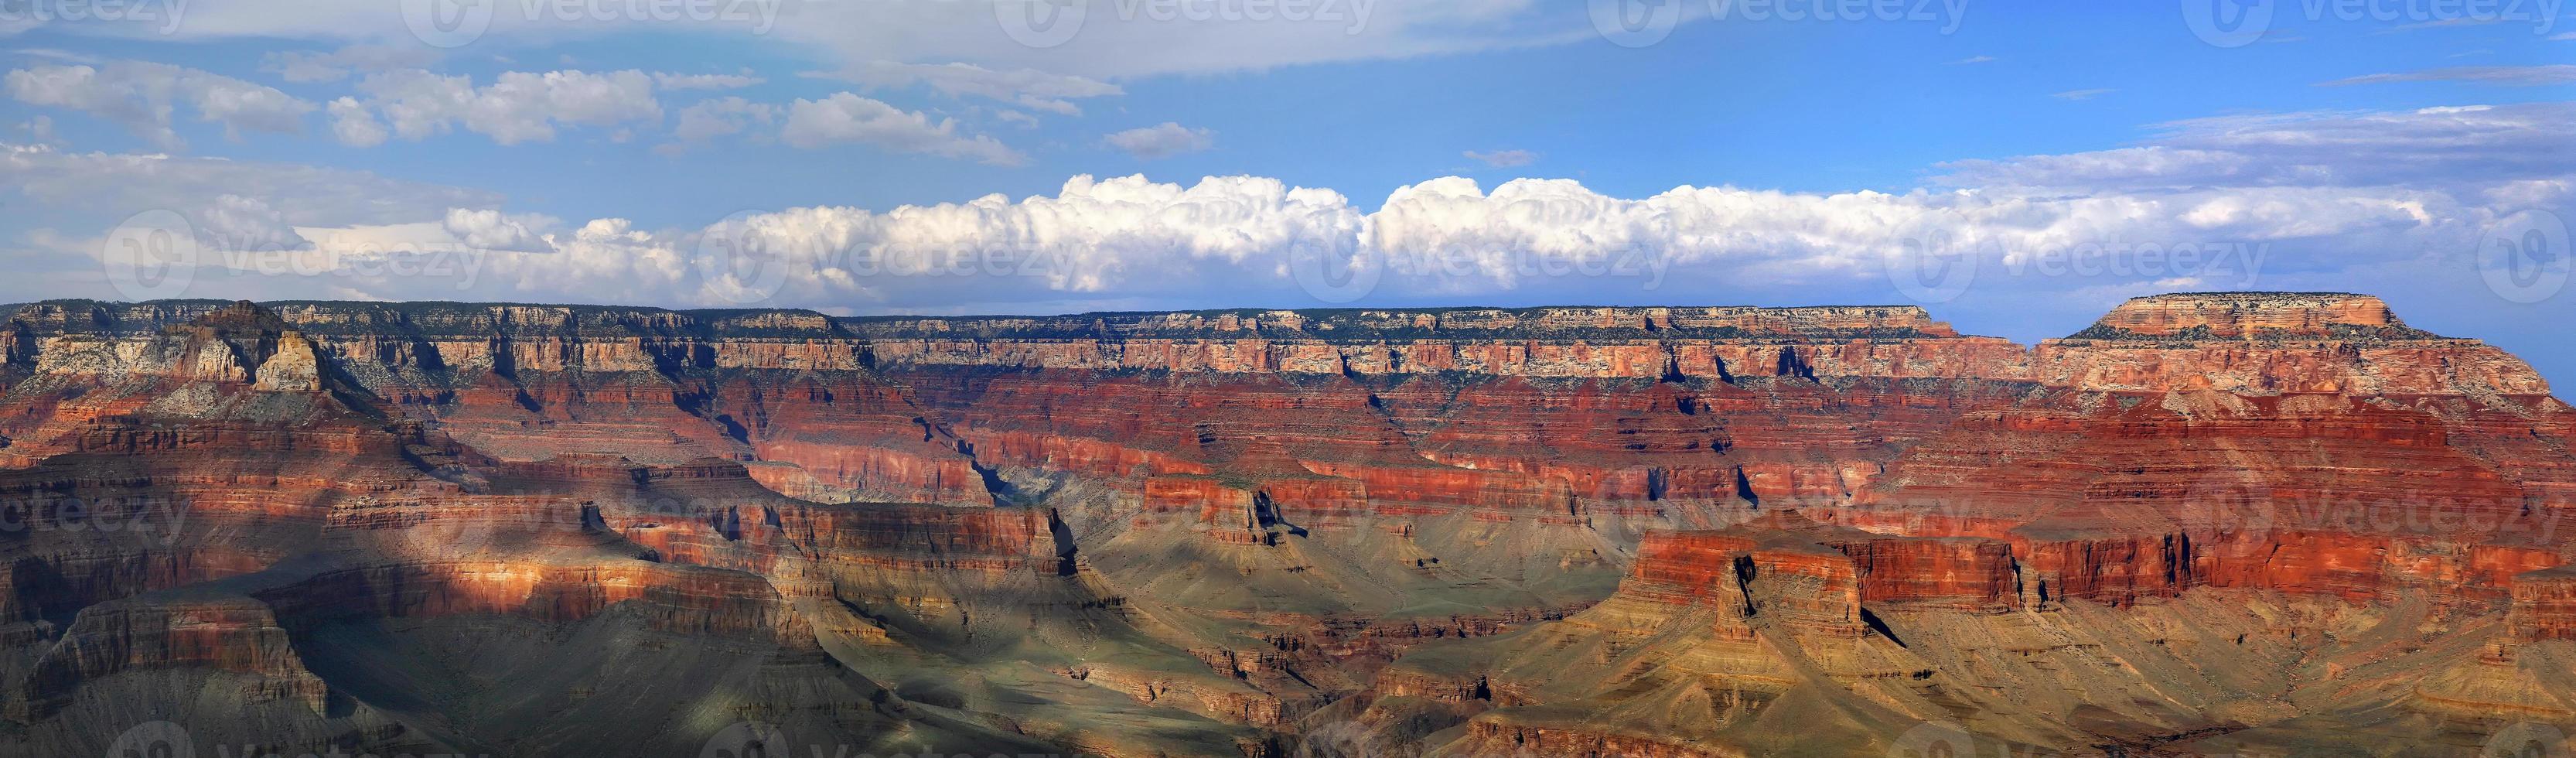 parque nacional do grand canyon (borda sul), arizona eua - paisagem foto